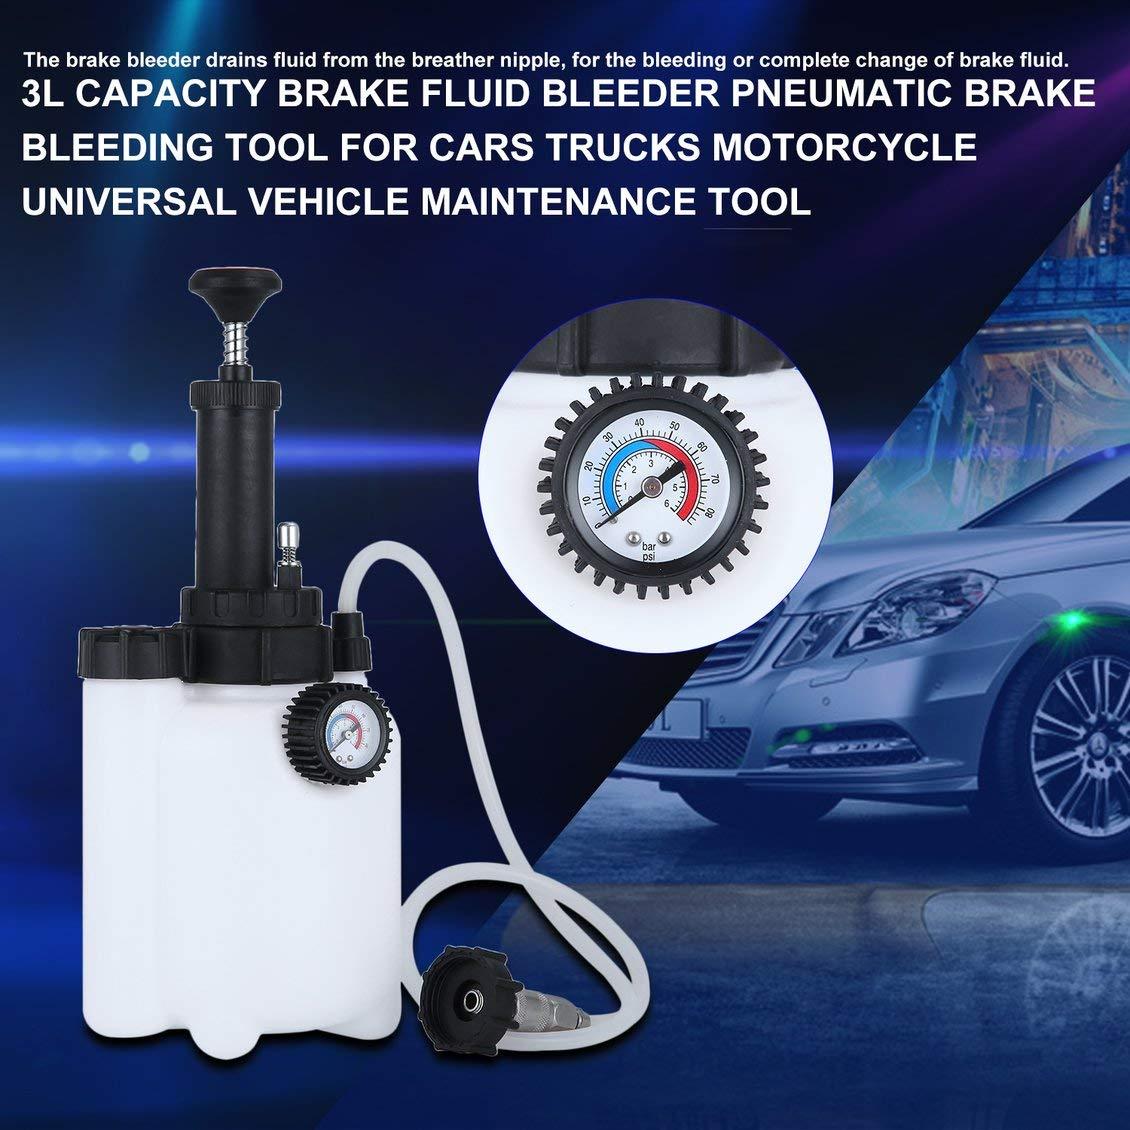 Capacidad 3L Capacidad del líquido de Frenos Purgador Neumático Herramienta de Sangrado de Frenos para Coches Camiones Motocicleta Universal Herramienta de ...